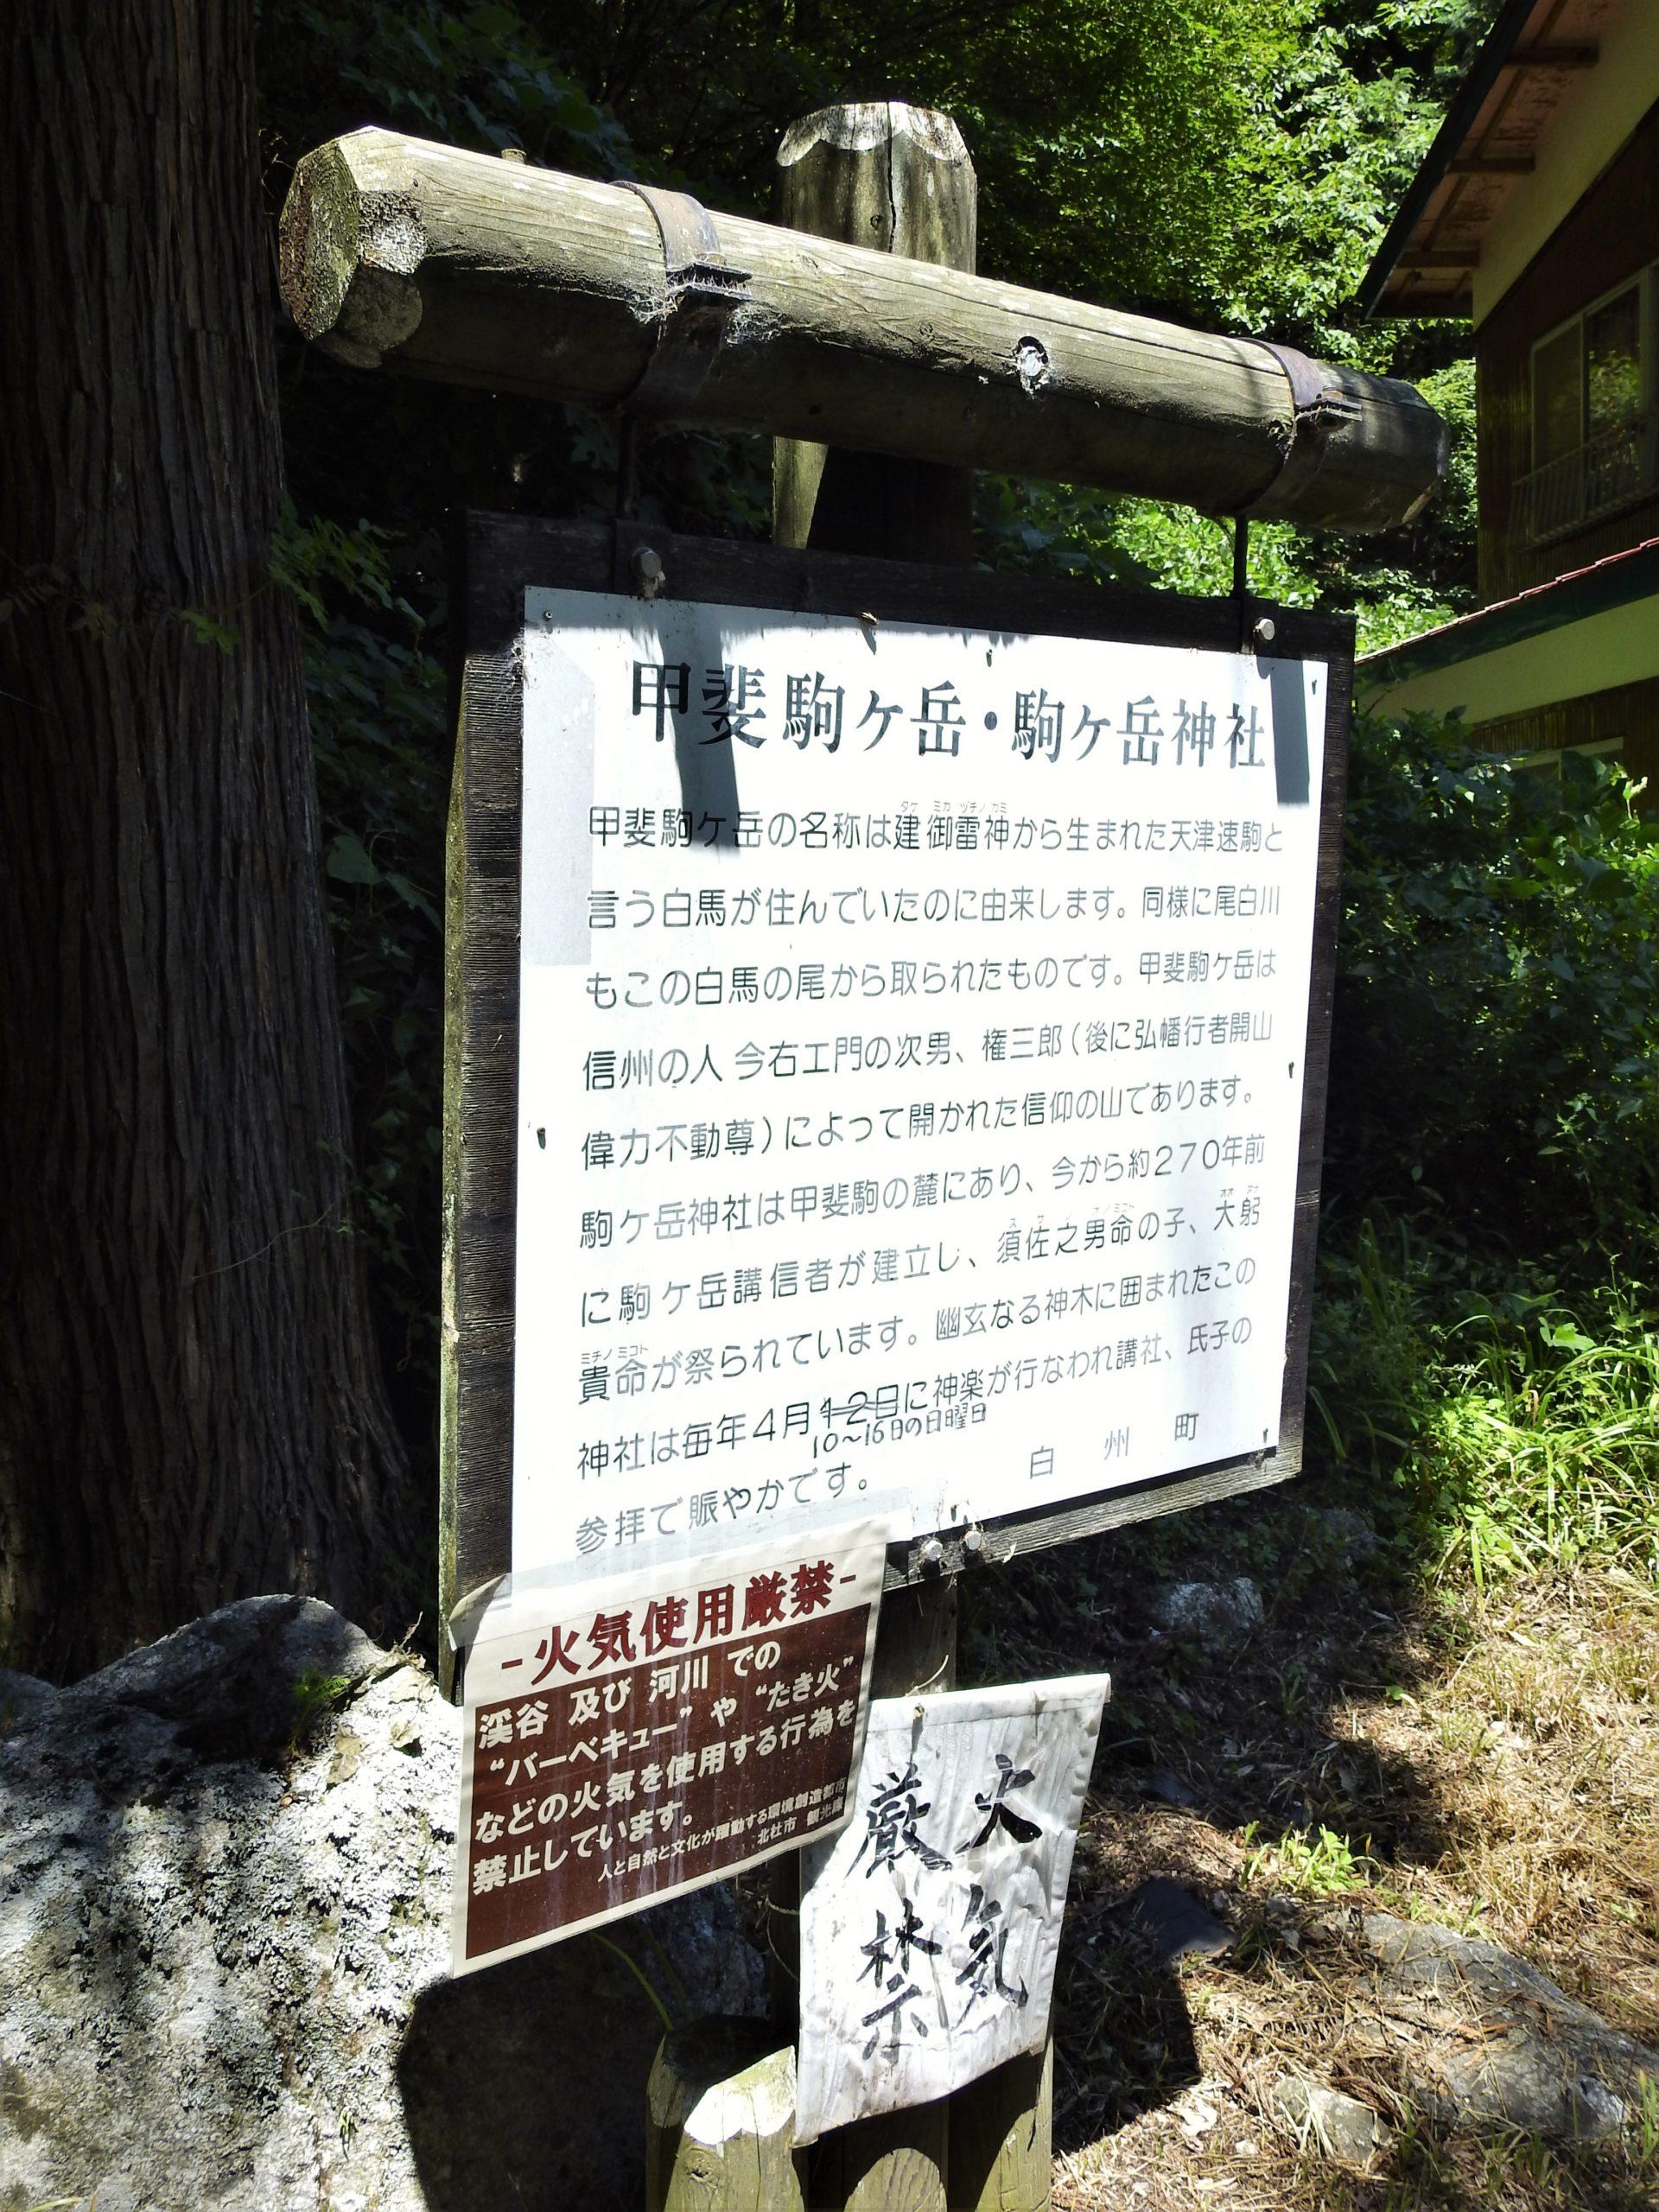 南アルプス 甲斐駒ヶ岳 駒ヶ岳神社